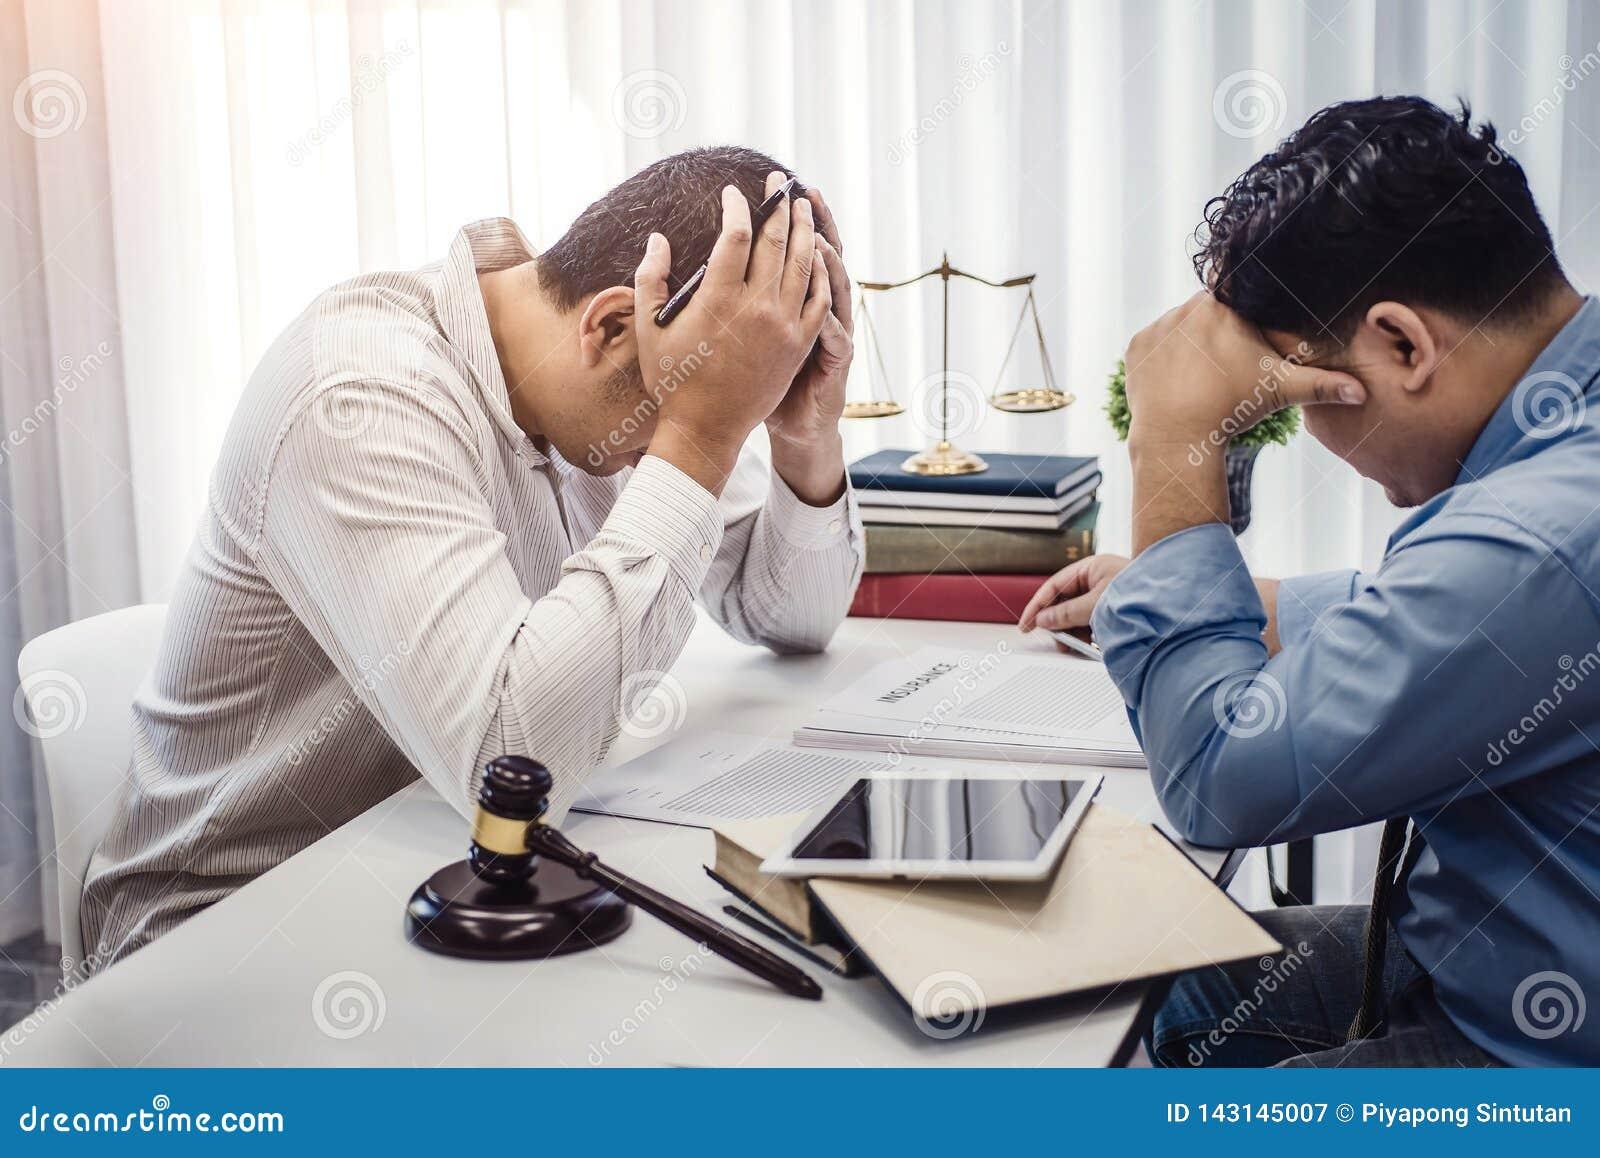 商人坐张力严肃为合同保险的问题与律师的在办公室 法官和法律,律师,法院法官